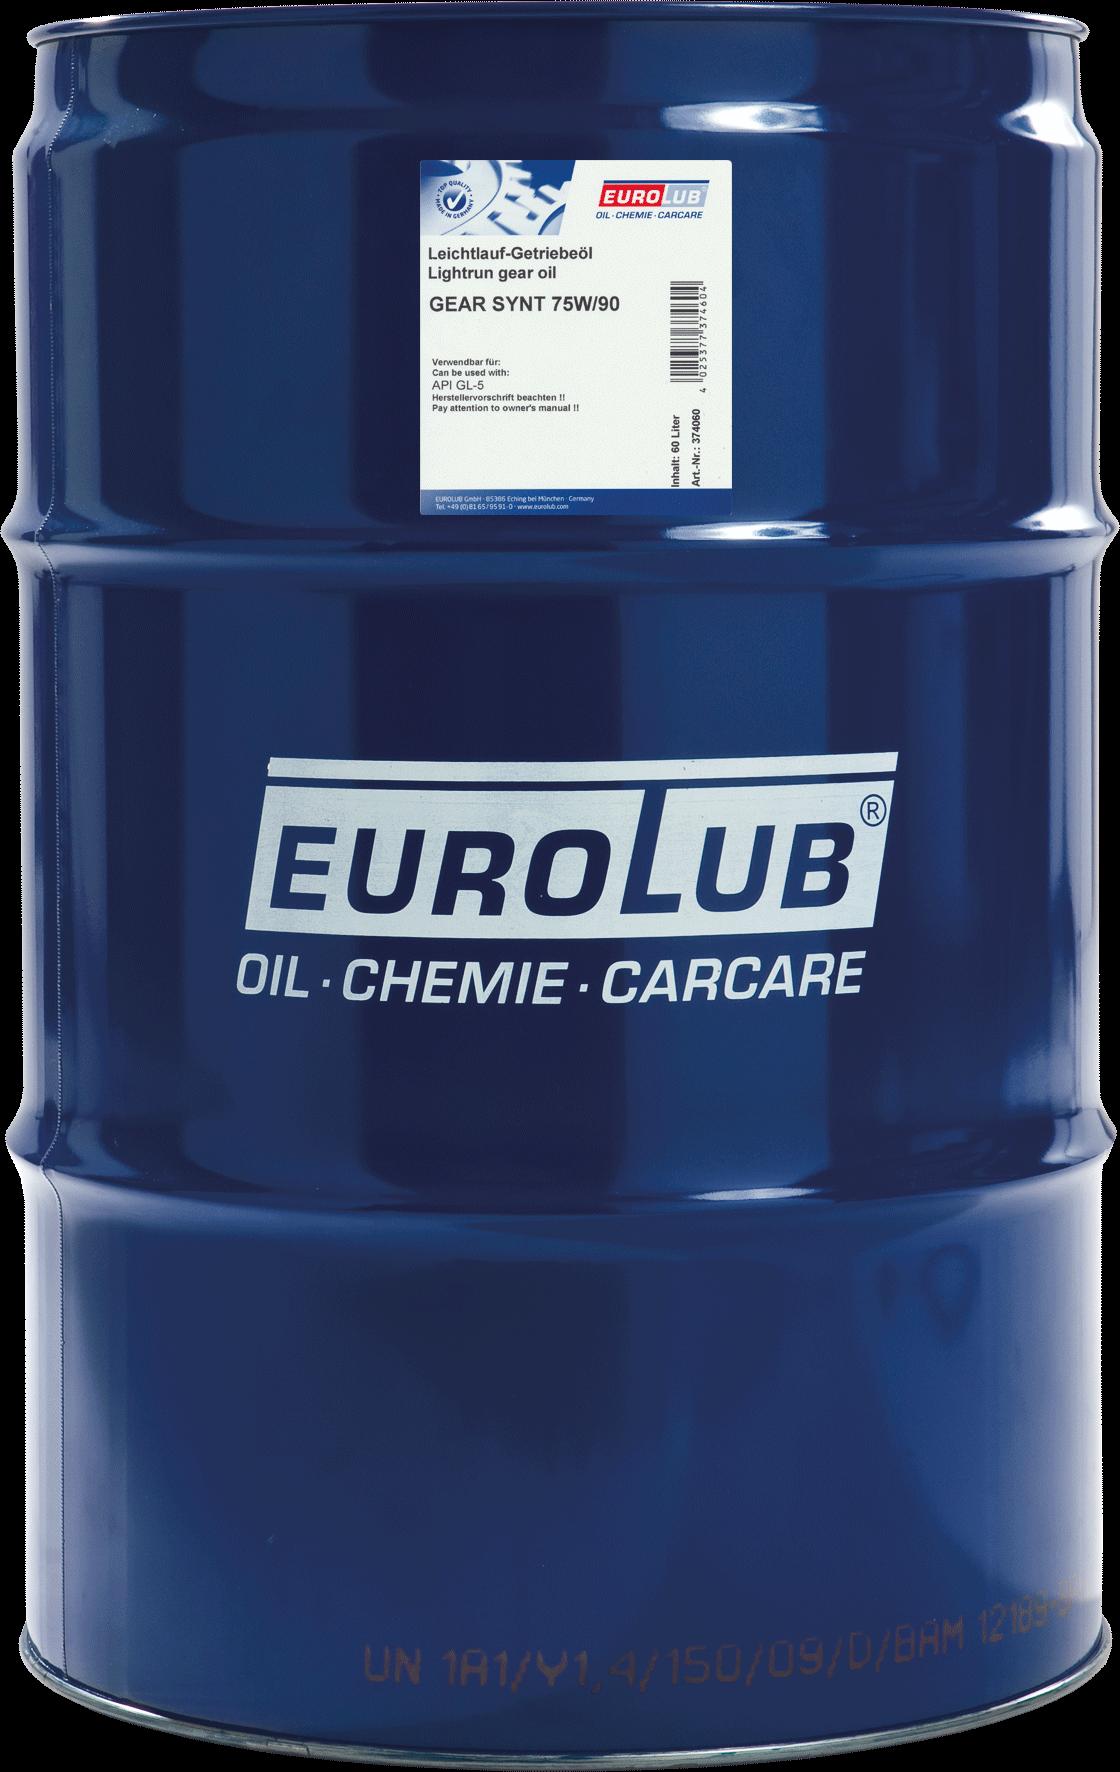 EUROLUB Gear Synt SAE 75W/90 (синтетическое), 60л